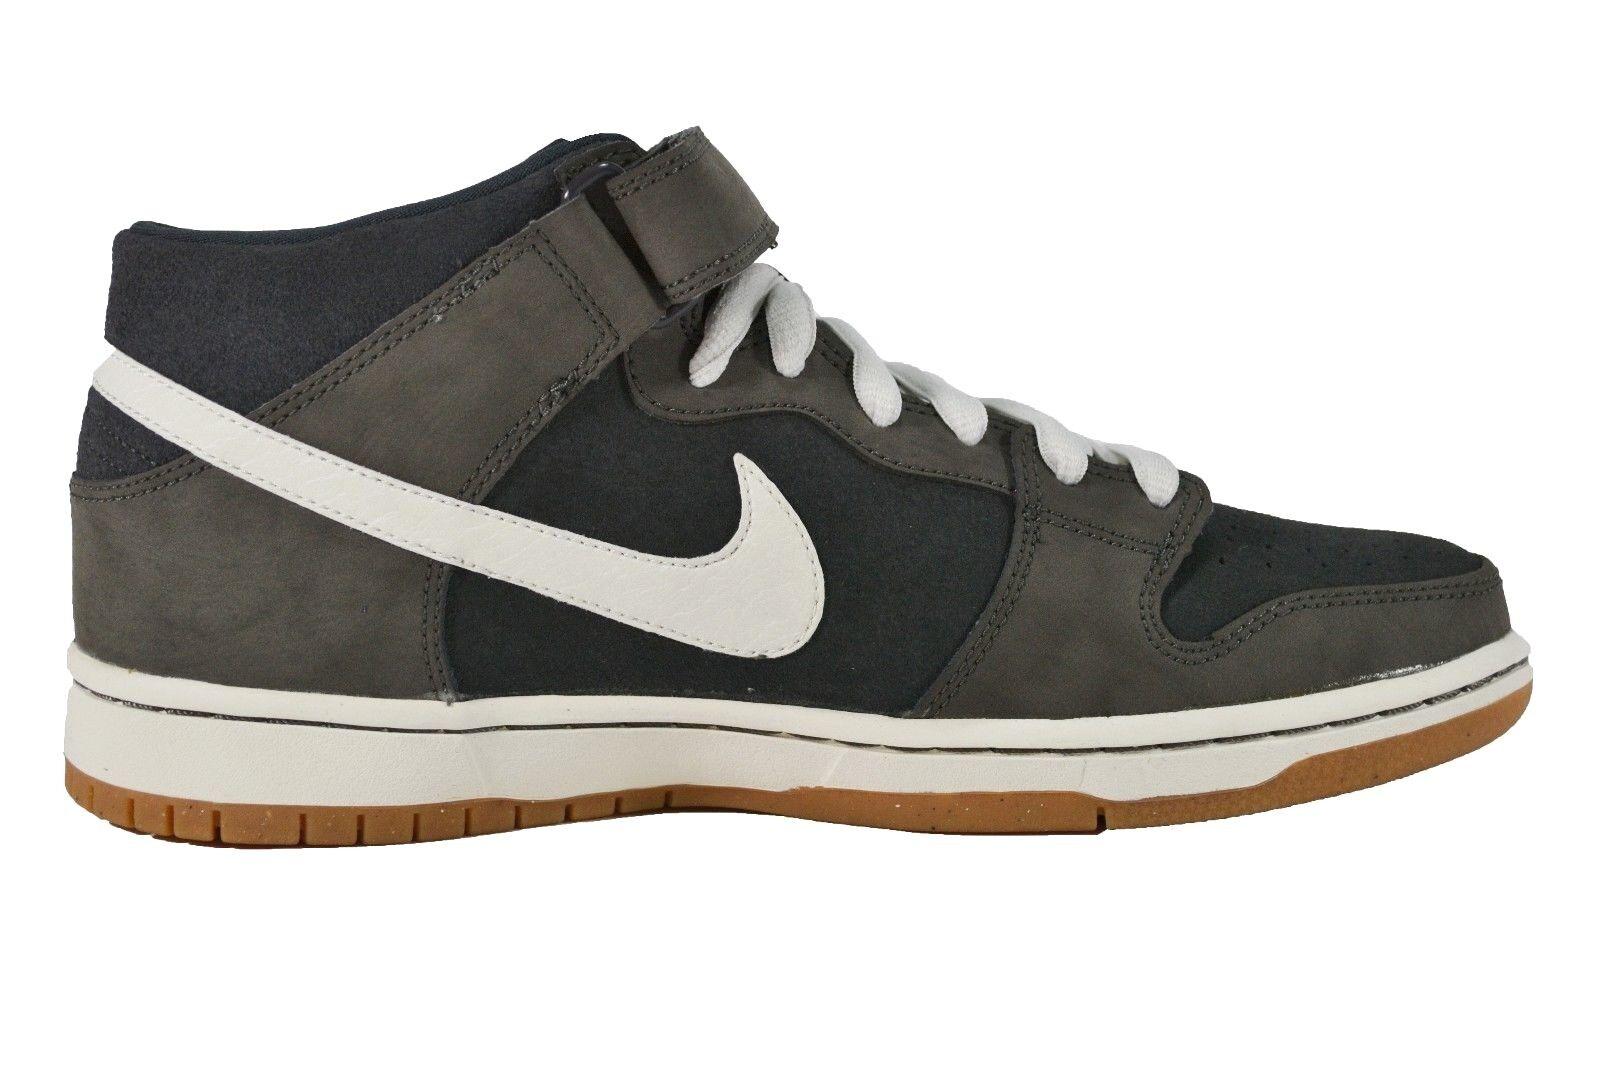 Nike dunk sb mitte weißen nebel traf mitte des weißen mitte anthrazit 314383-010 (186) männer, schuhe b076aa